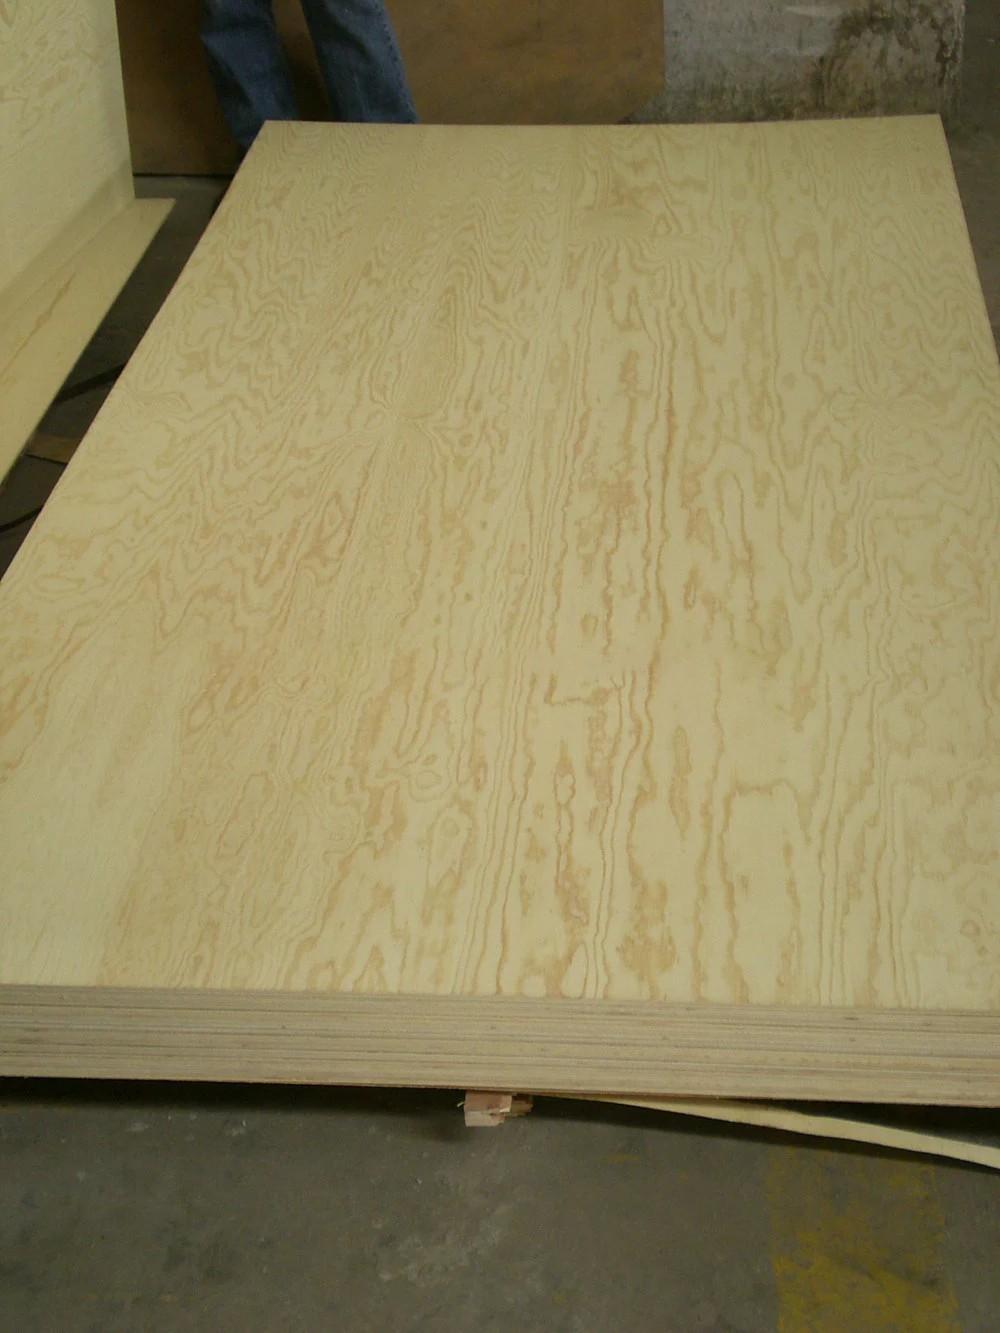 pine veneer plywood used for  making furniture